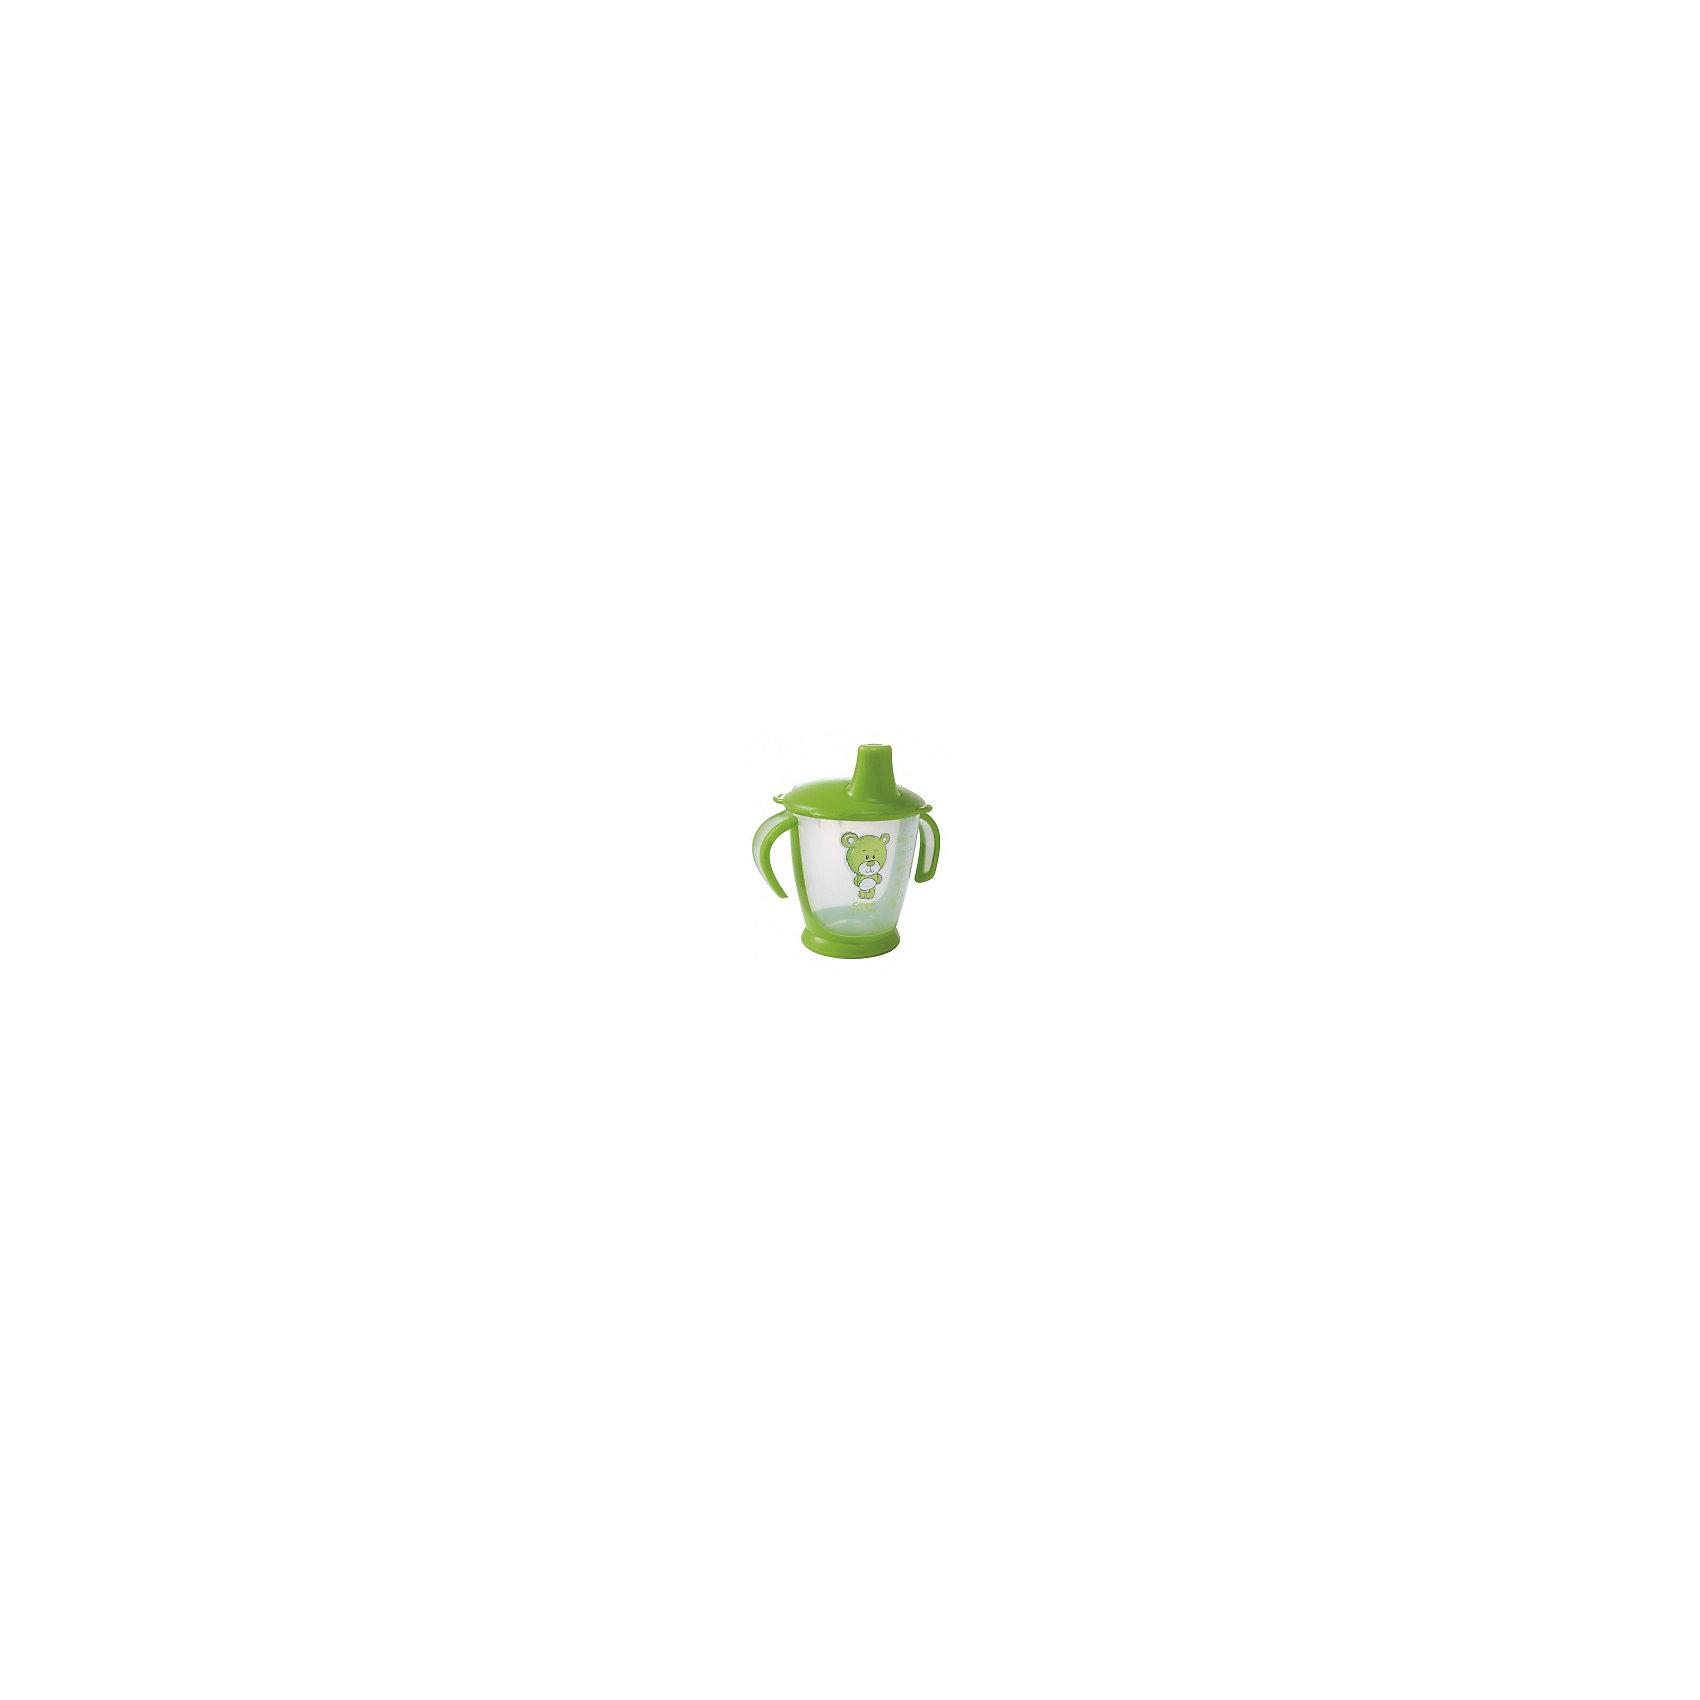 Поильник-непроливайка Медвежонок, 250 мл., Canpol Babies, зеленый